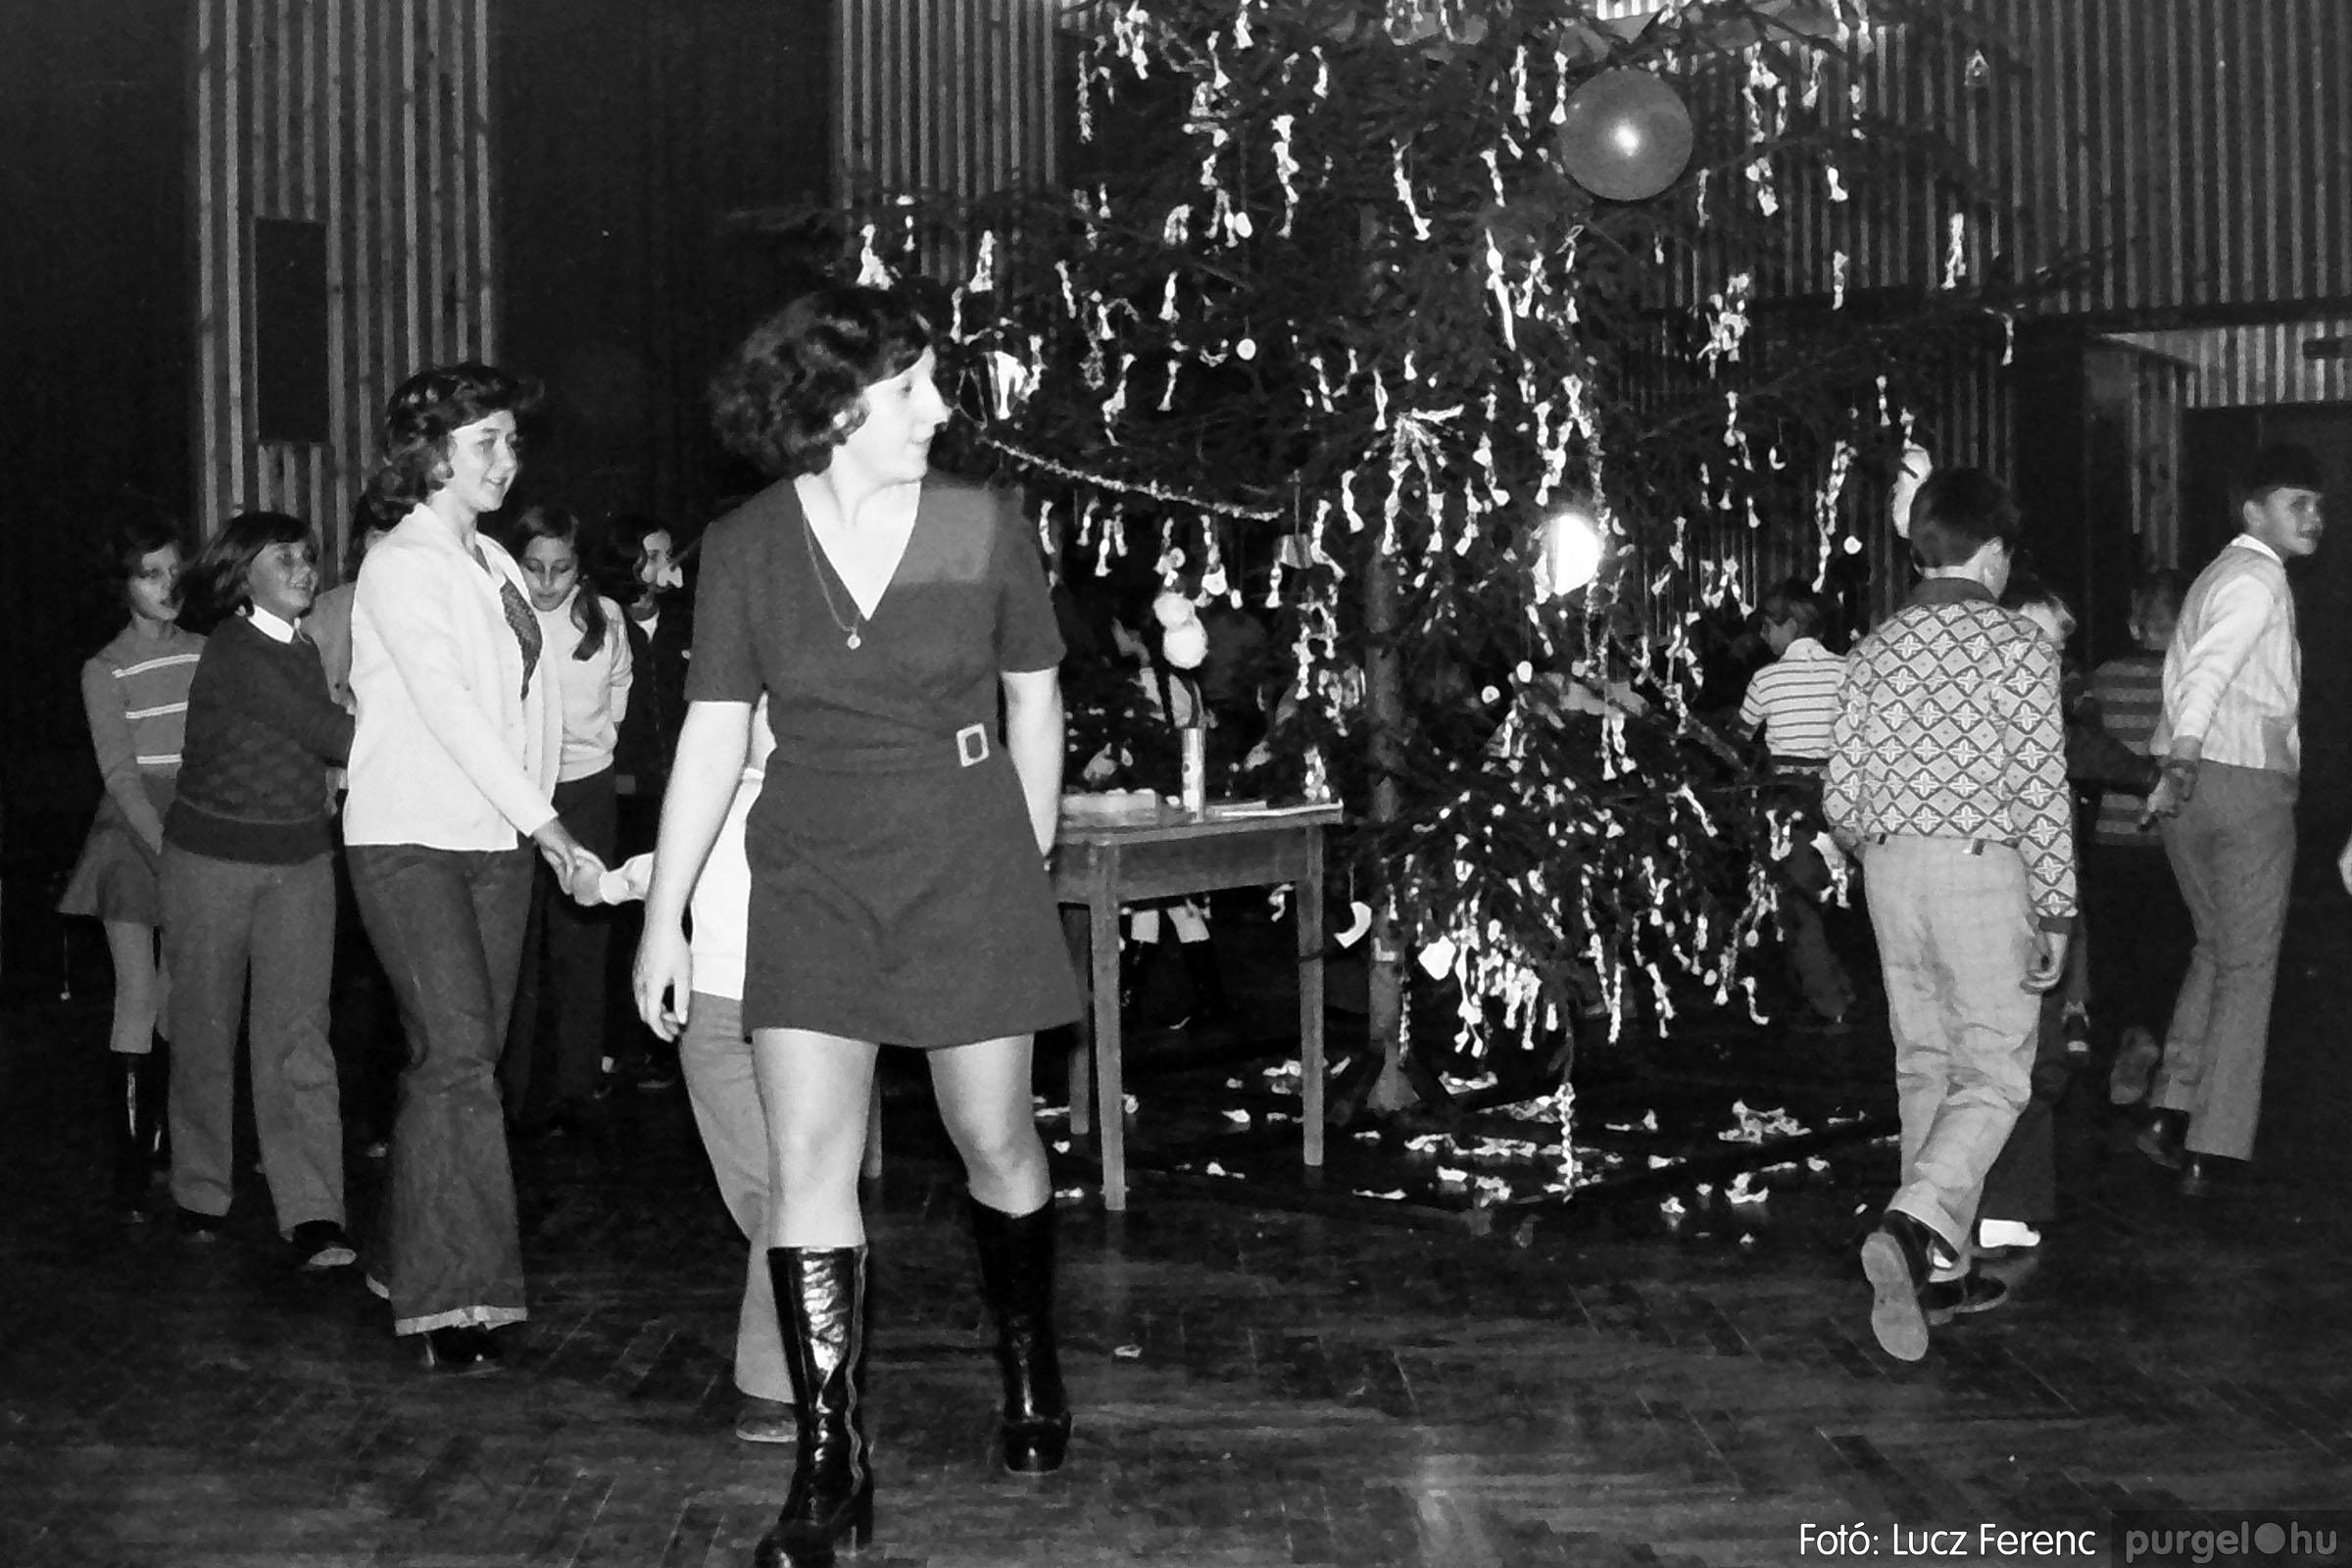 029 1975. Karácsonyi ünnepség a kultúrházban 006 - Fotó: Lucz Ferenc.jpg